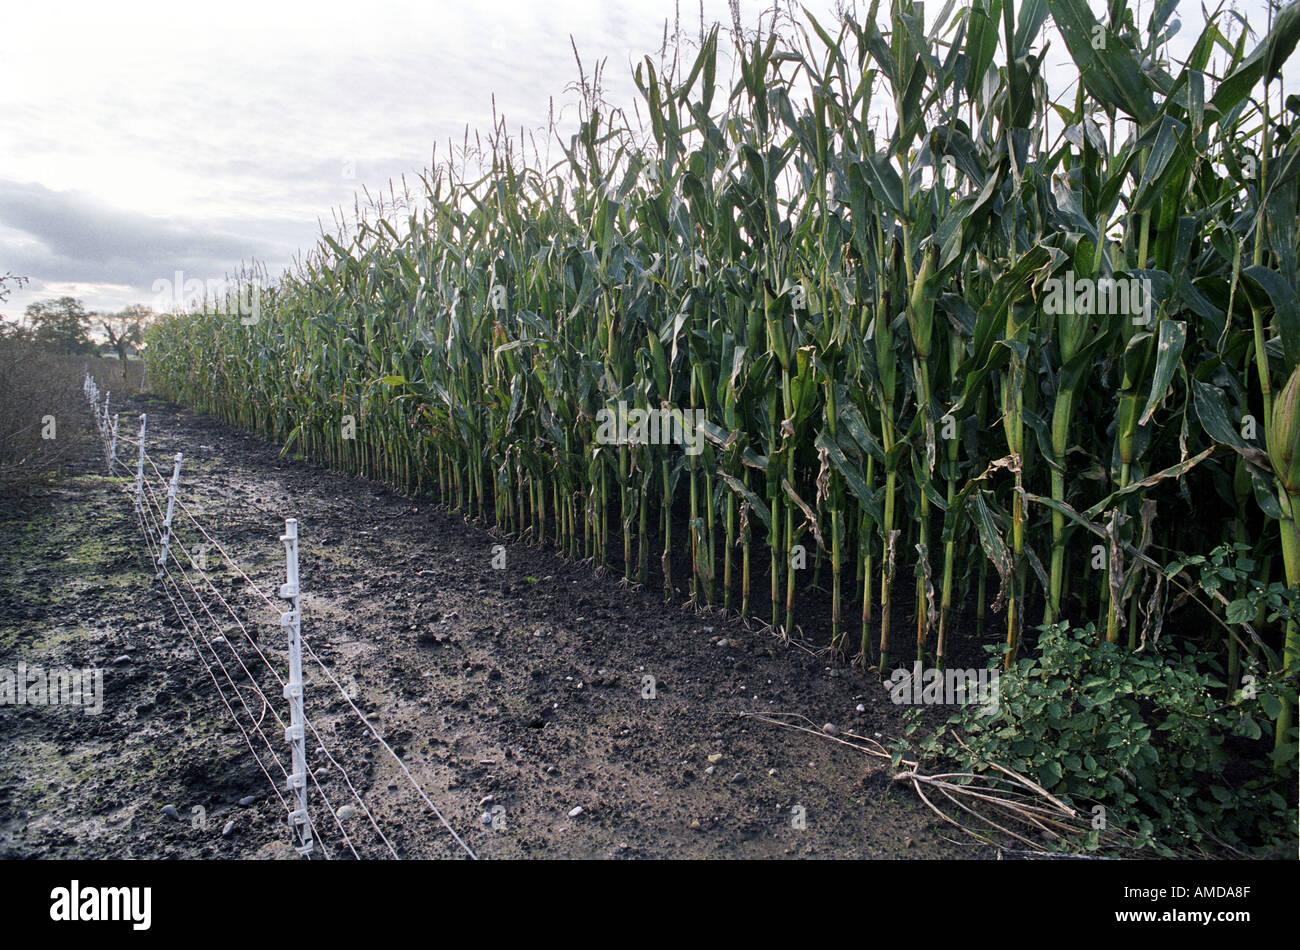 De plus en plus de maïs génétiquement modifié dans un champ dans le Shropshire en Angleterre Photo Stock